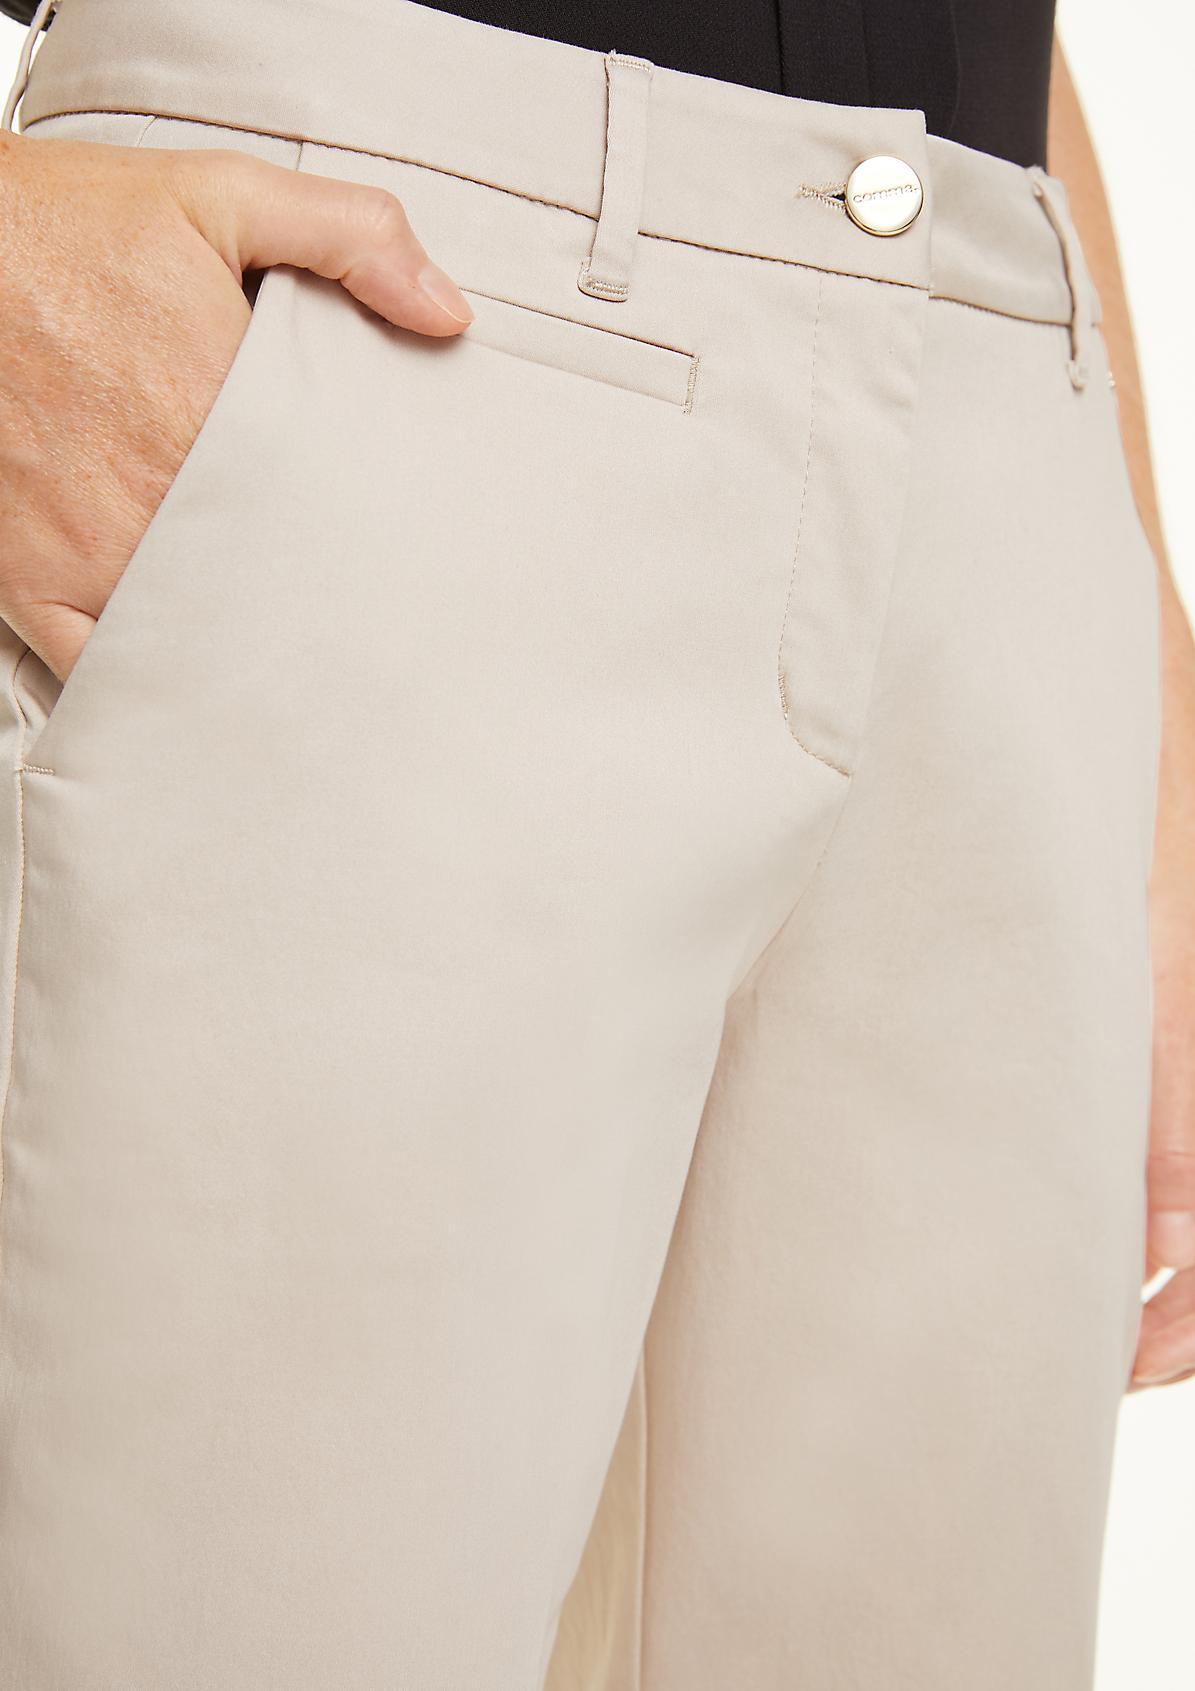 Hose aus Baumwollsatin